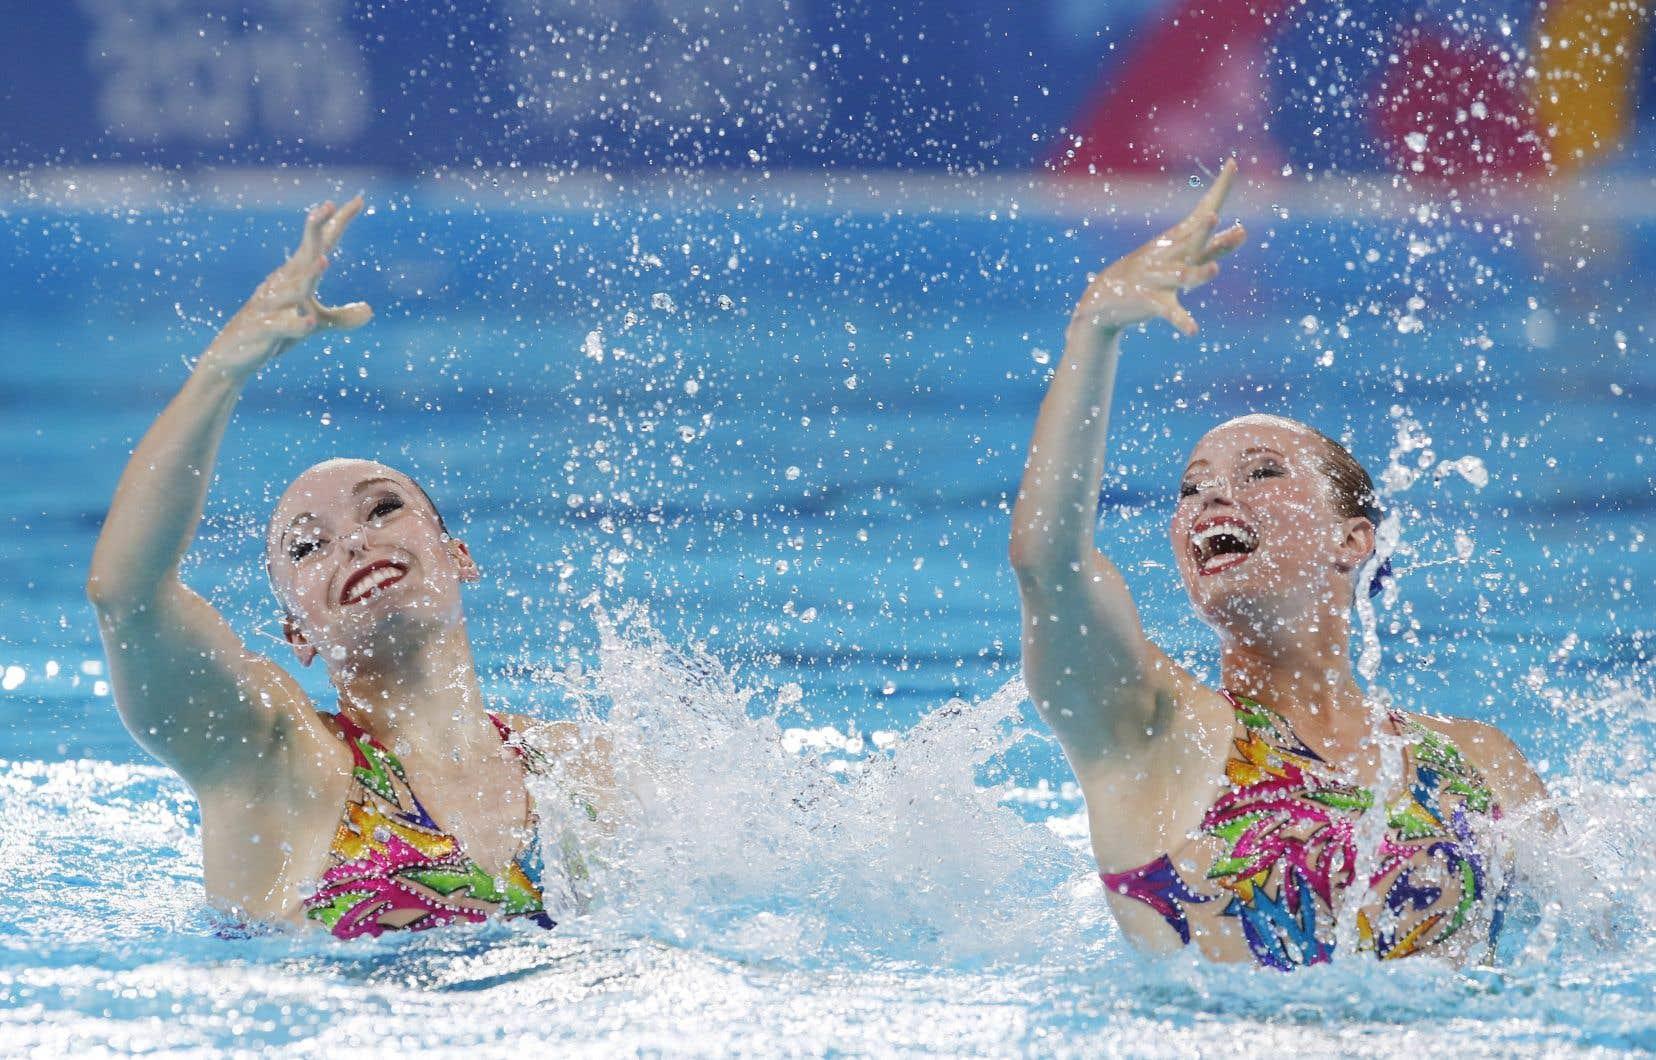 «J'étais déchirée en pensant à tout le travail que j'ai investi depuis les derniers Jeux de Rio, a répondu honnêtement la nageuse Jacqueline Simoneau (à droite sur la photo). Puis en continuant de lire son message, j'ai compris que c'était plus gros que nous, les athlètes, que c'était une affaire de santé publique.»